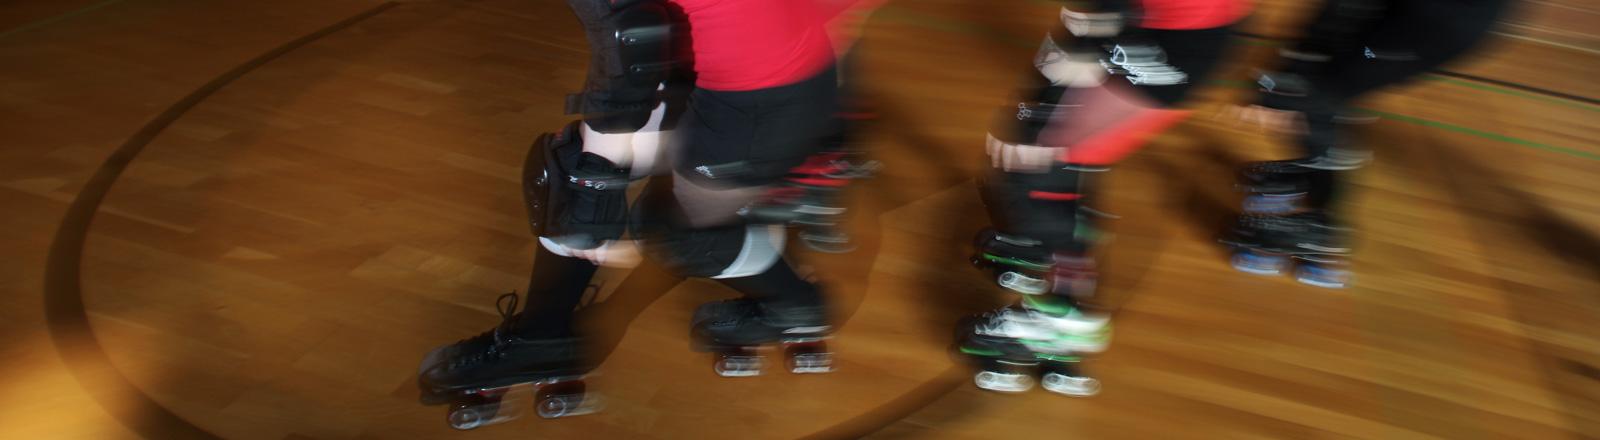 """Die Mitglieder der Bembel Town Rollergirls trainieren am Sonntag (22.07.2012) in einer Turnhalle in Rödermark (Hessen). Der Rollsport """"Roller Derby"""" entstand in den 1920er und 30er Jahren in den Vereinigten Staaten - es ist ein Vollkontaktsport."""